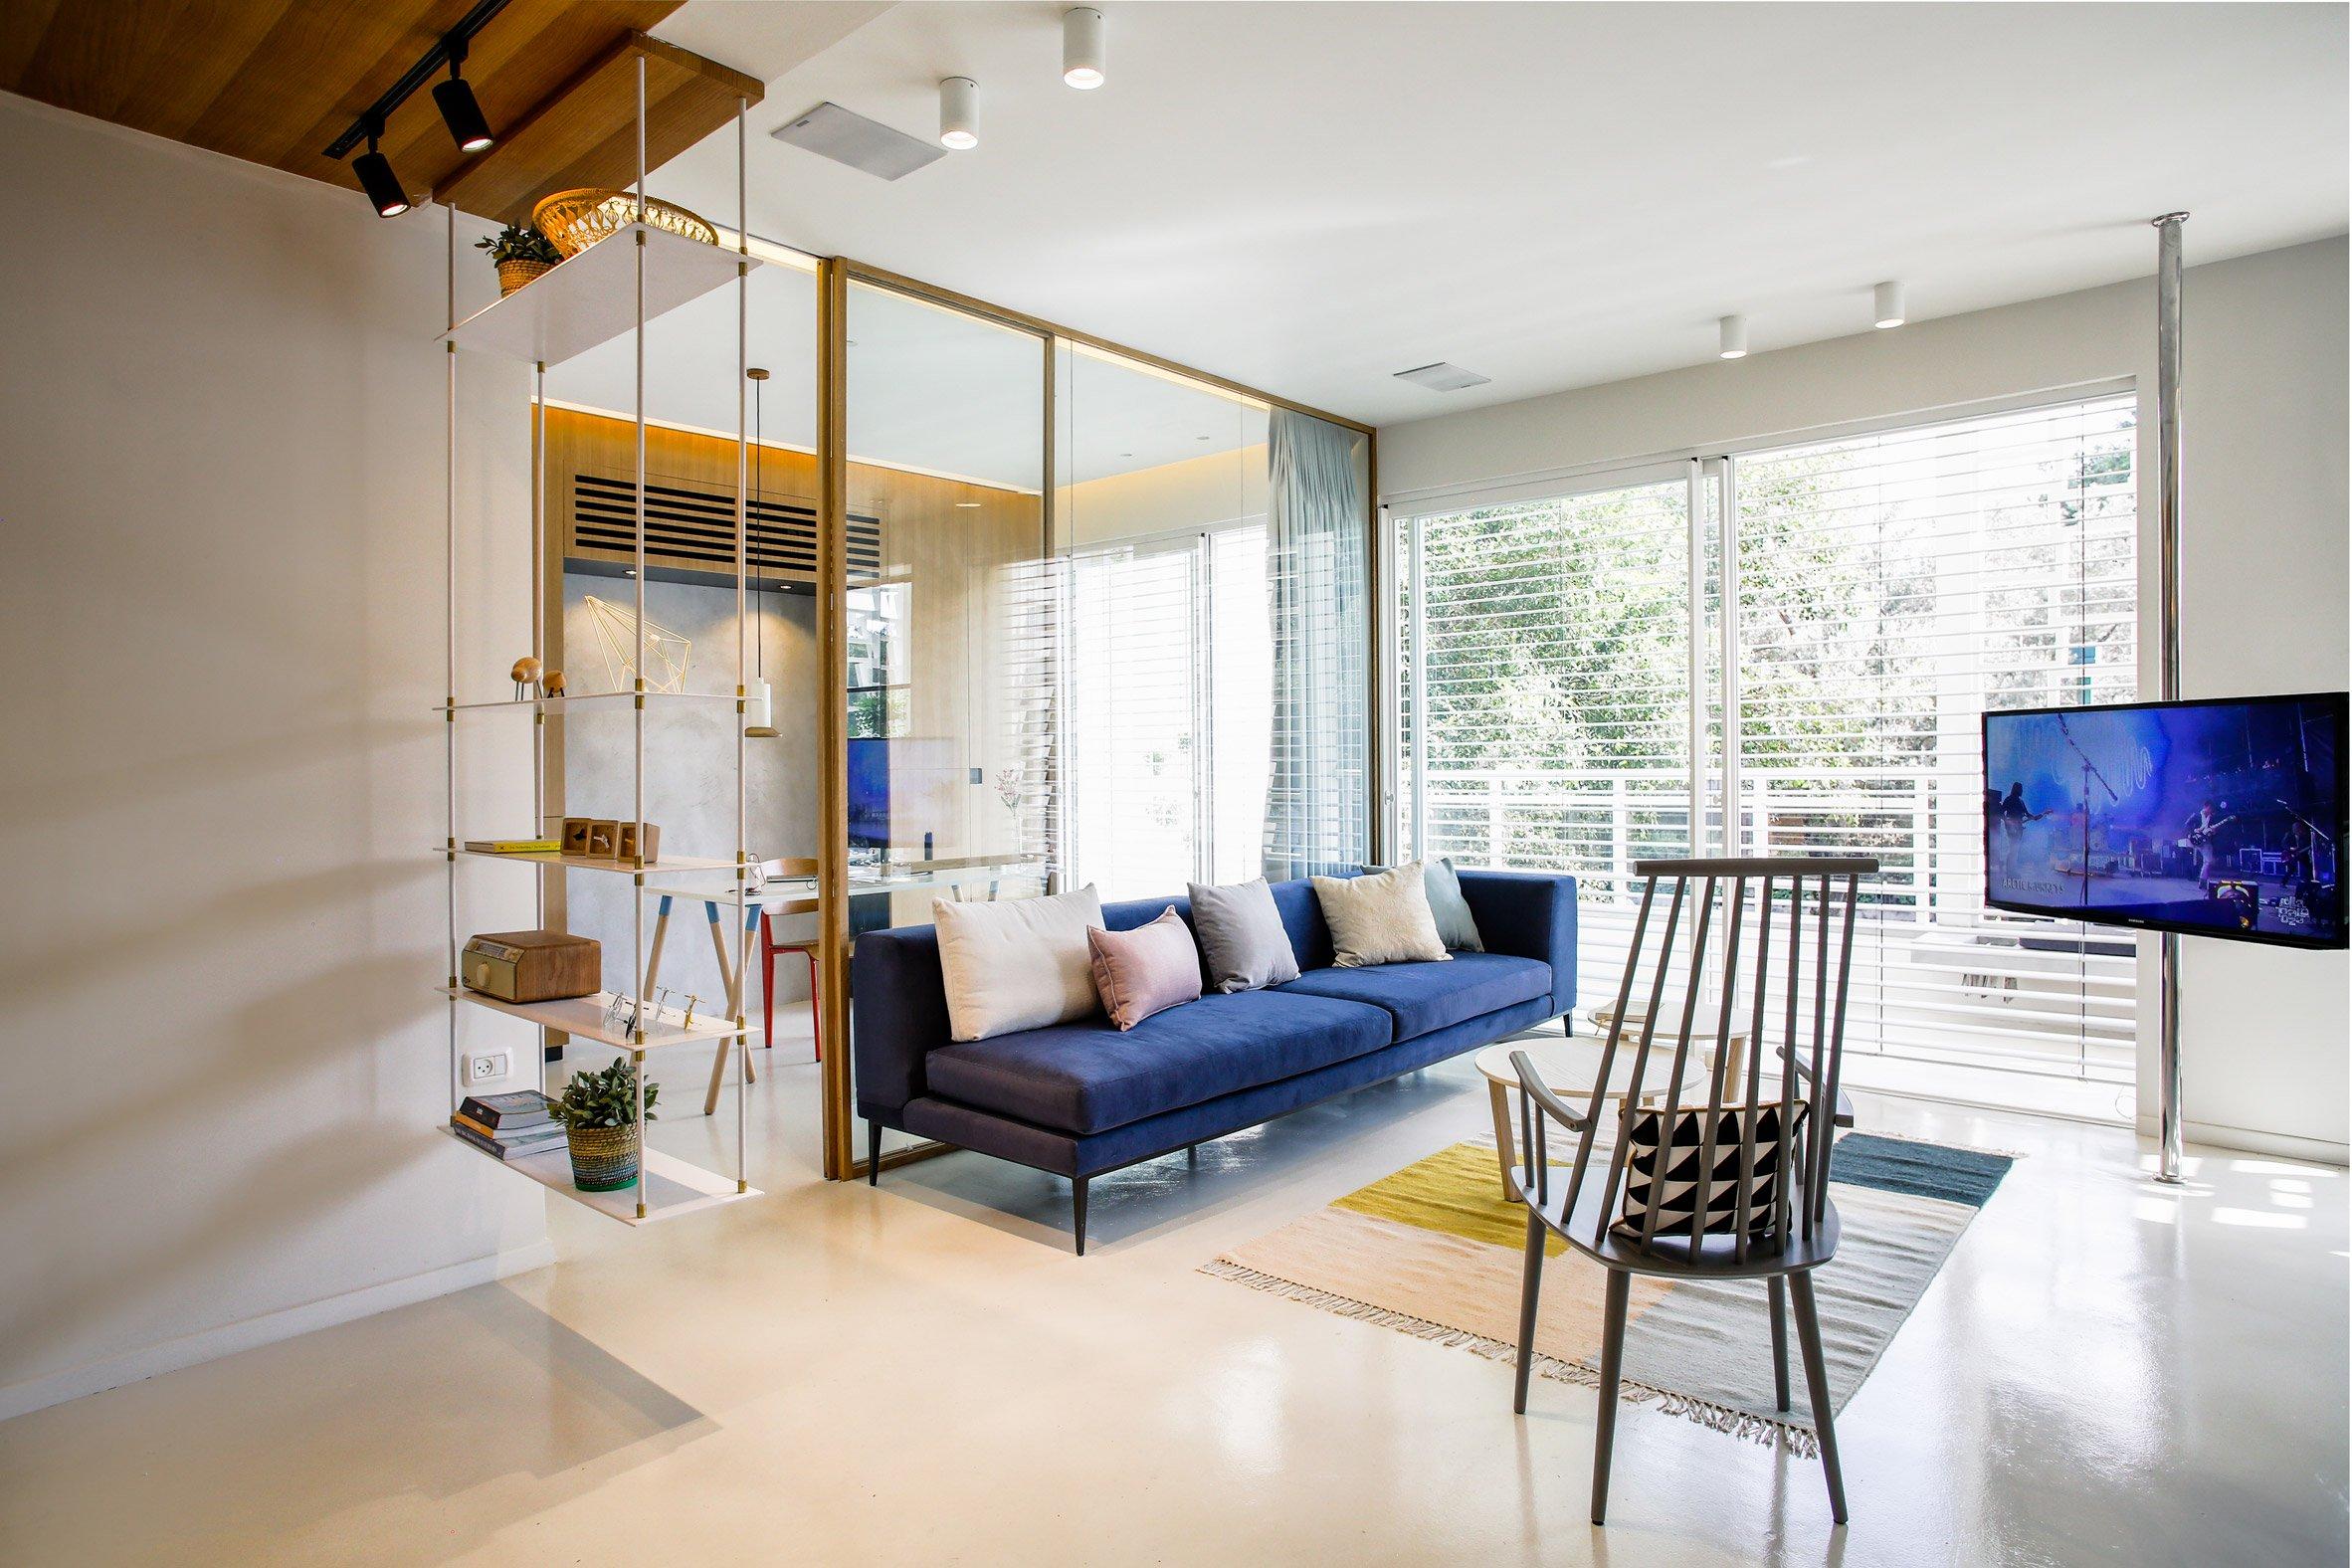 architecture-apartment-tel-aviv-design-studia-interiors-osnovadesign-osnova-poltava_02